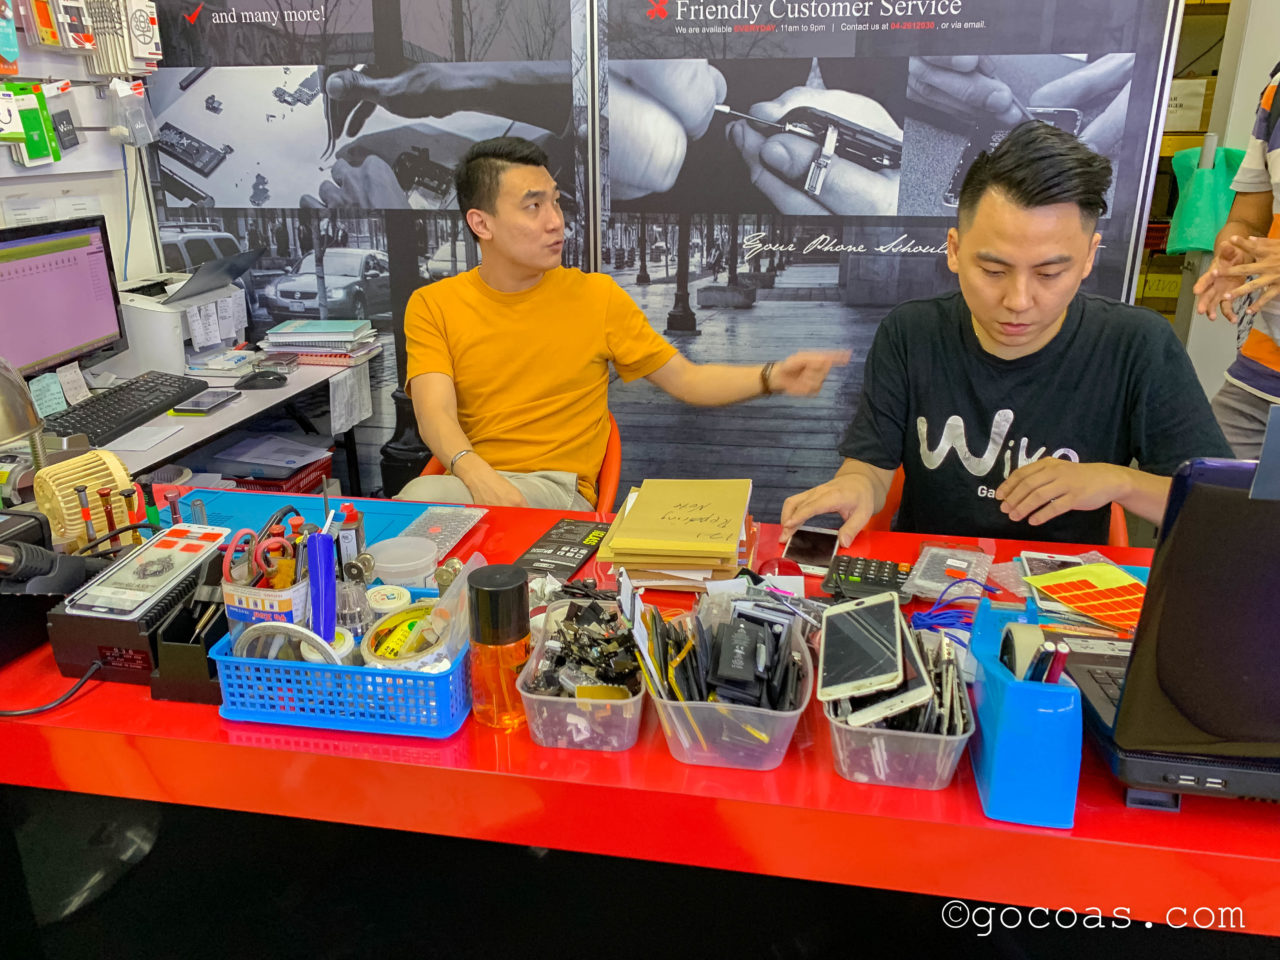 ショッピングモールKomtarの中に並ぶiCare Studioのスタッフ